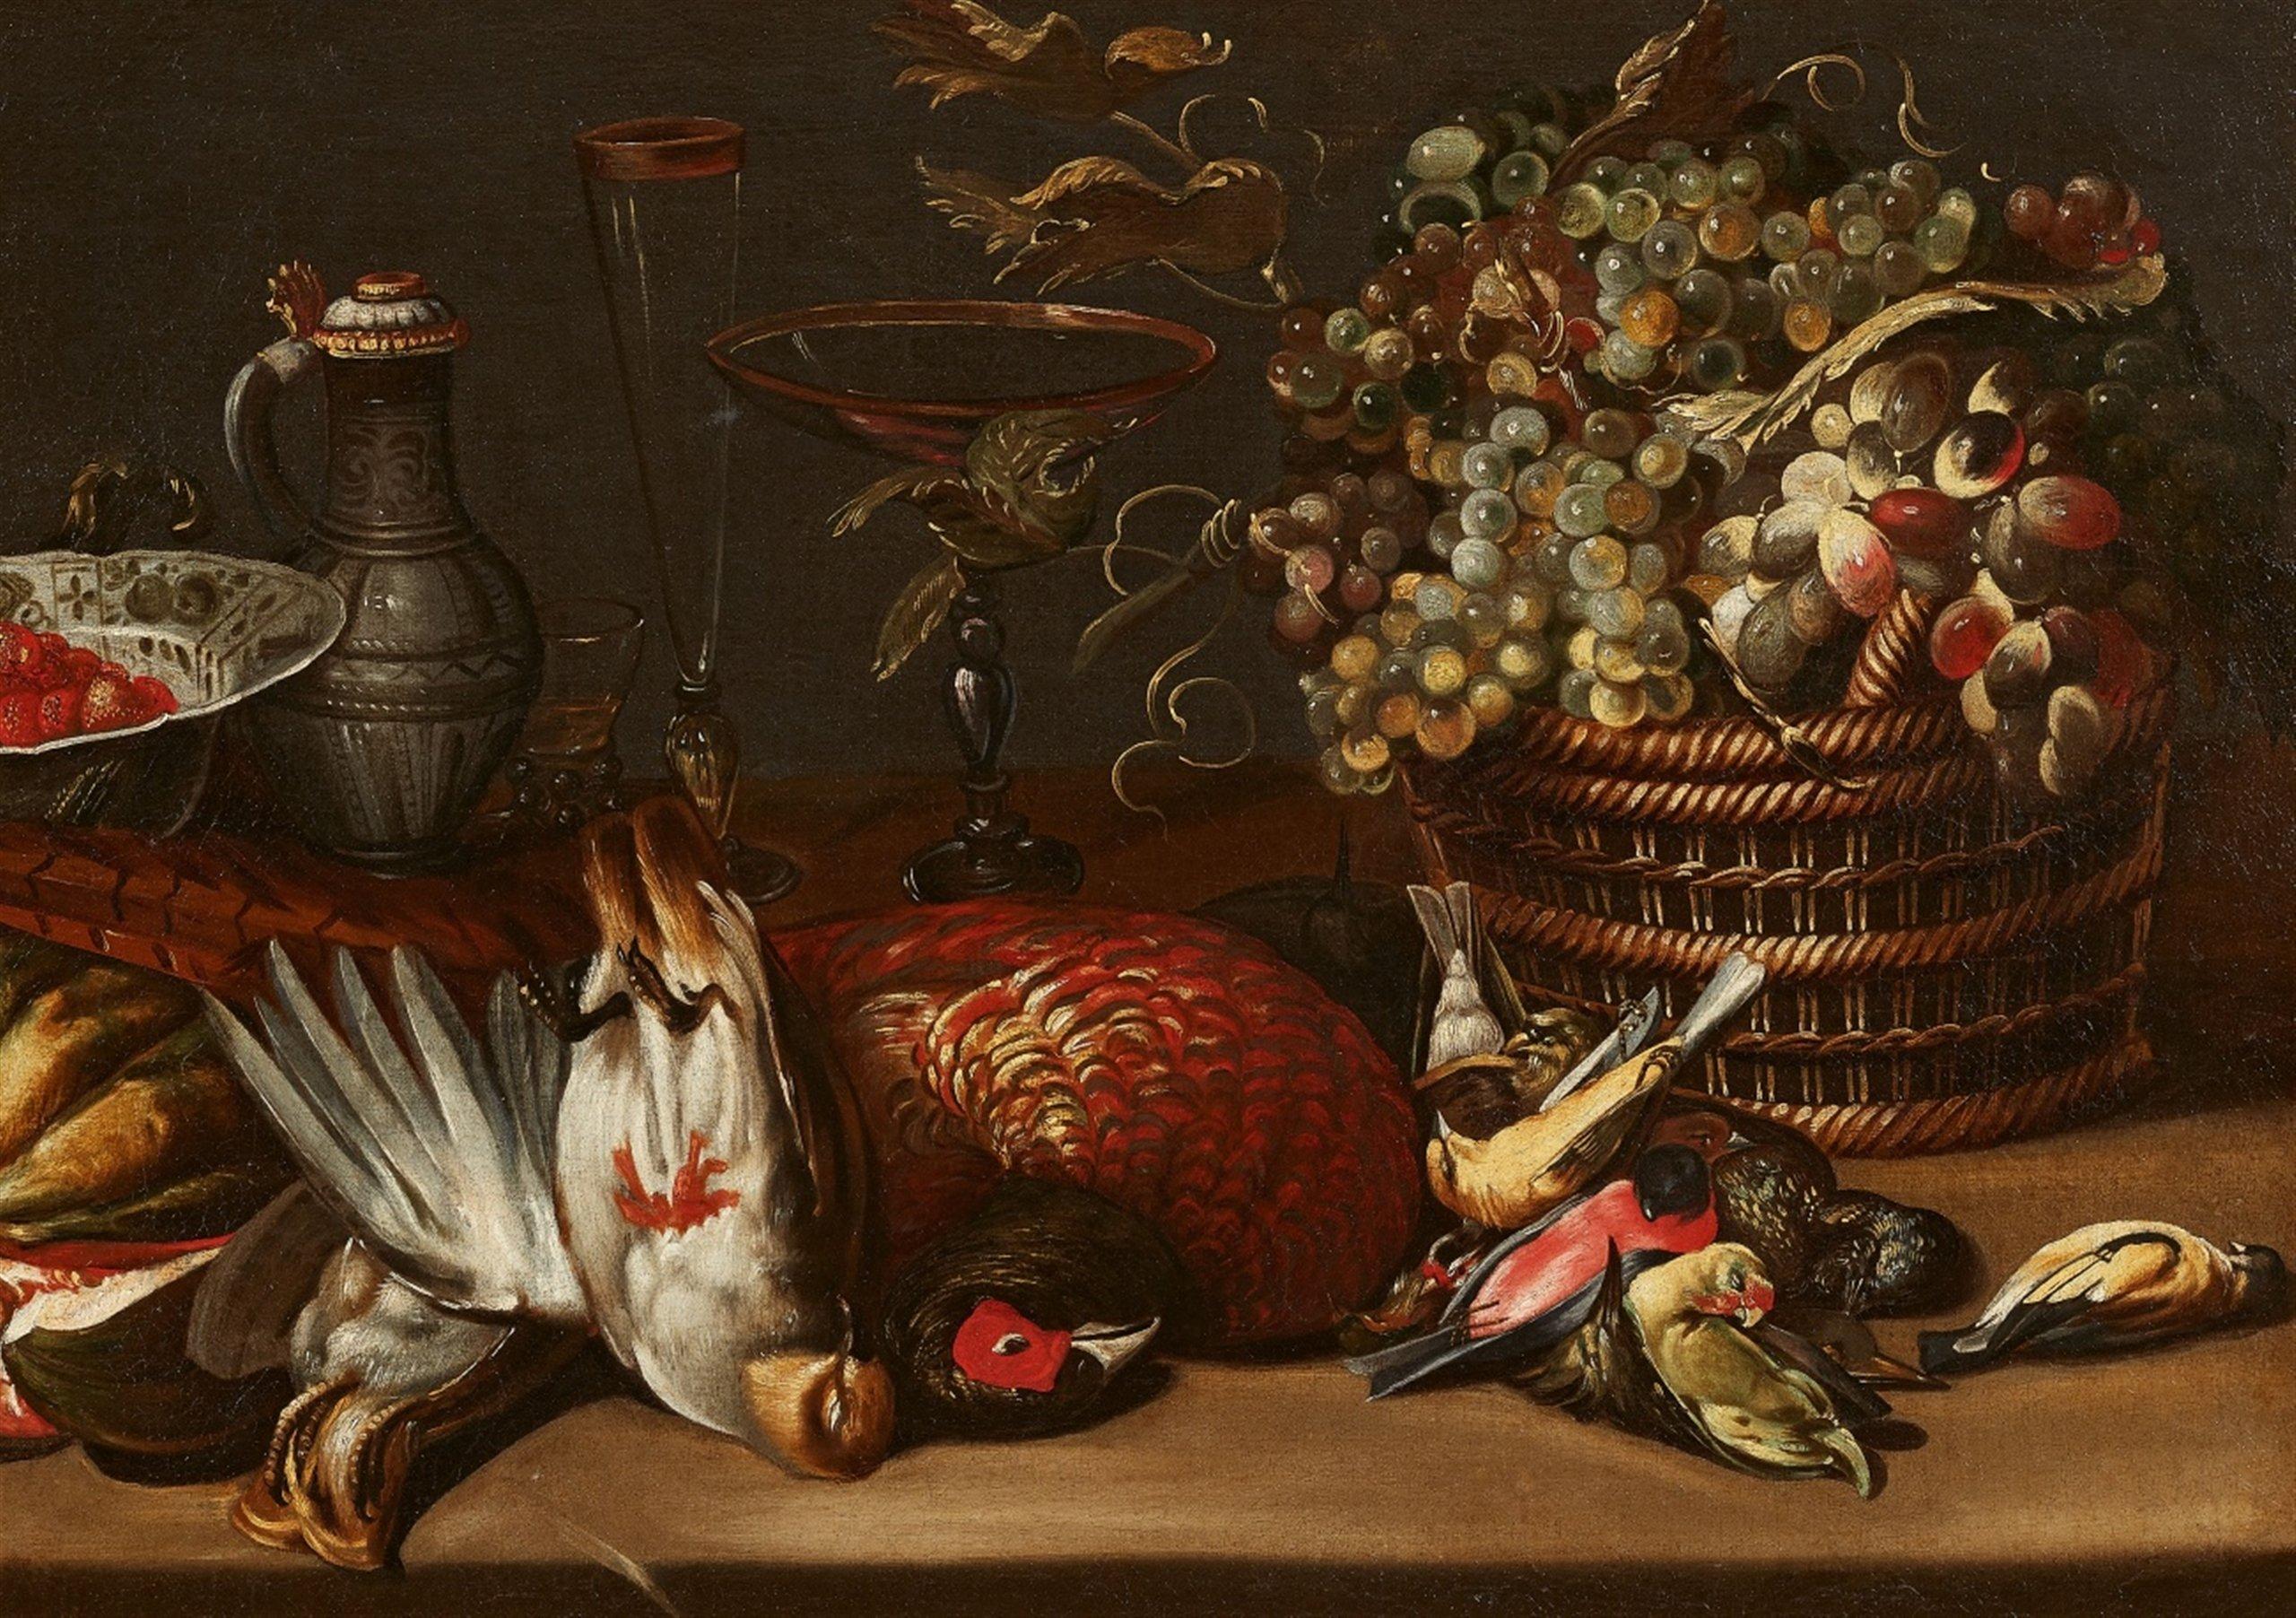 Frans Snyders, d'après (Anvers, 1579 - 1657), Nature morte aux fruits et gibier - Lempertz. Estimation: 3500€ - 4000€